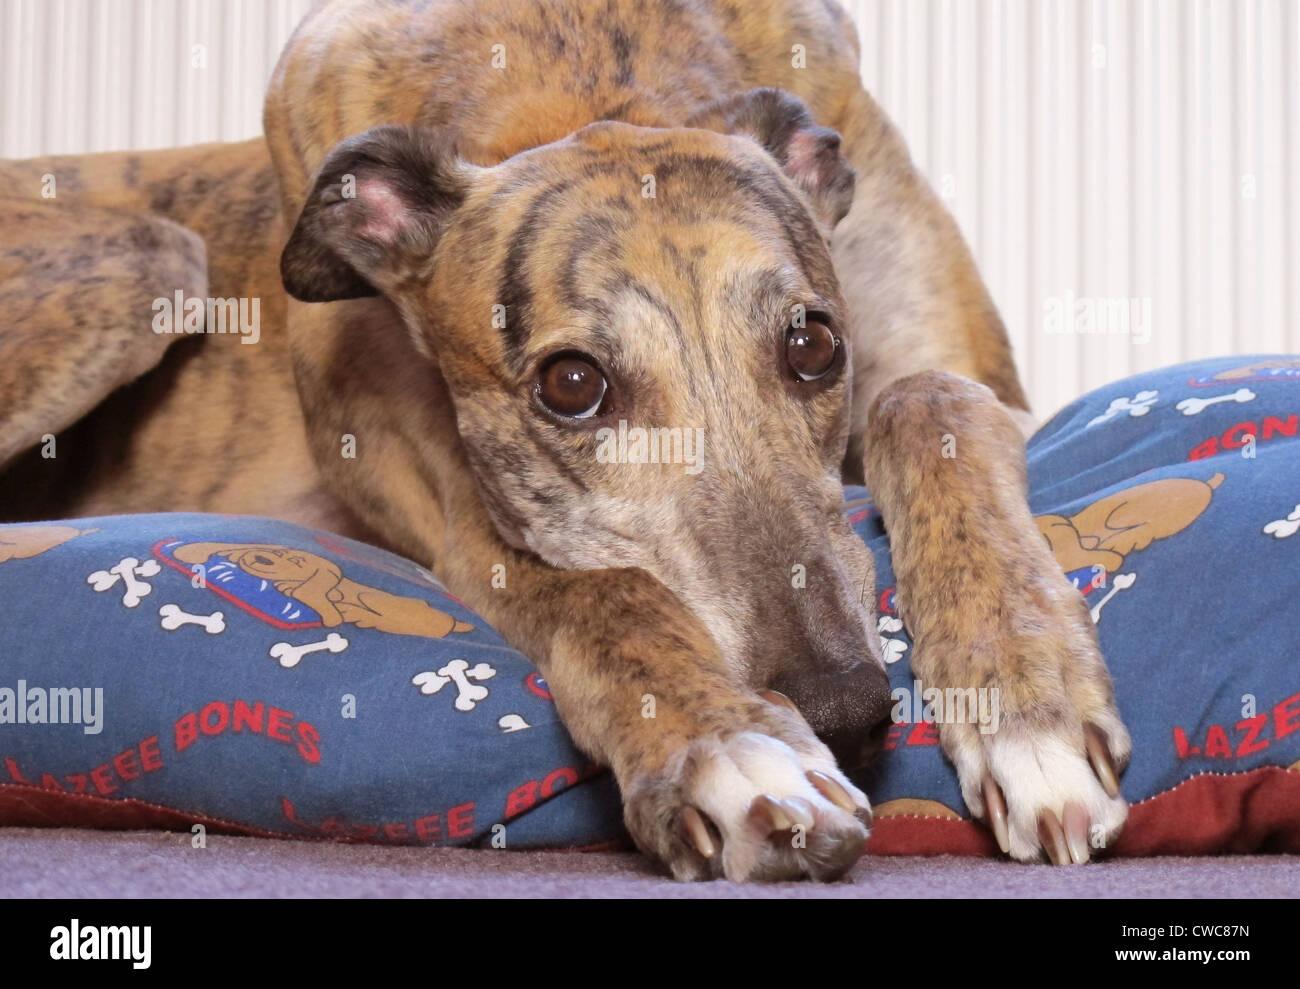 Close up ritratto di un bellissimo tigrato greyhound colorati appoggiati sul suo letto. Immagini Stock